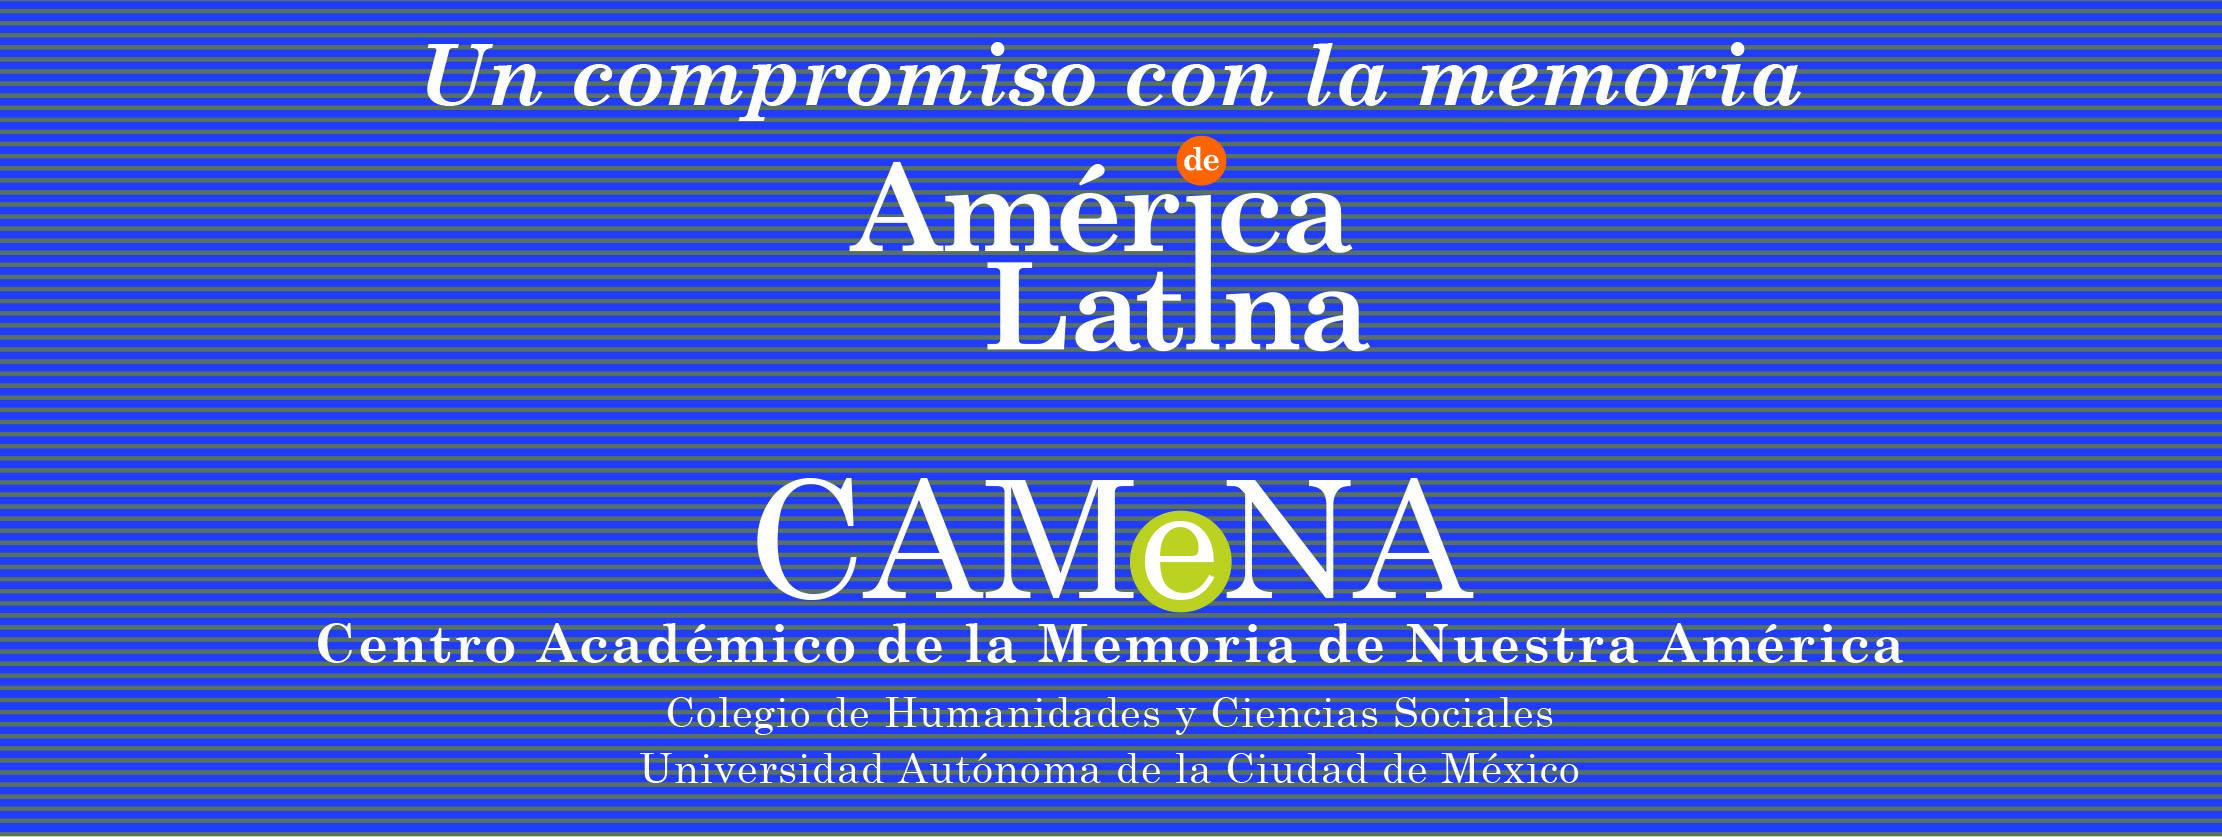 CAMeNA Centro Académico de la Memoria de Nuestra América